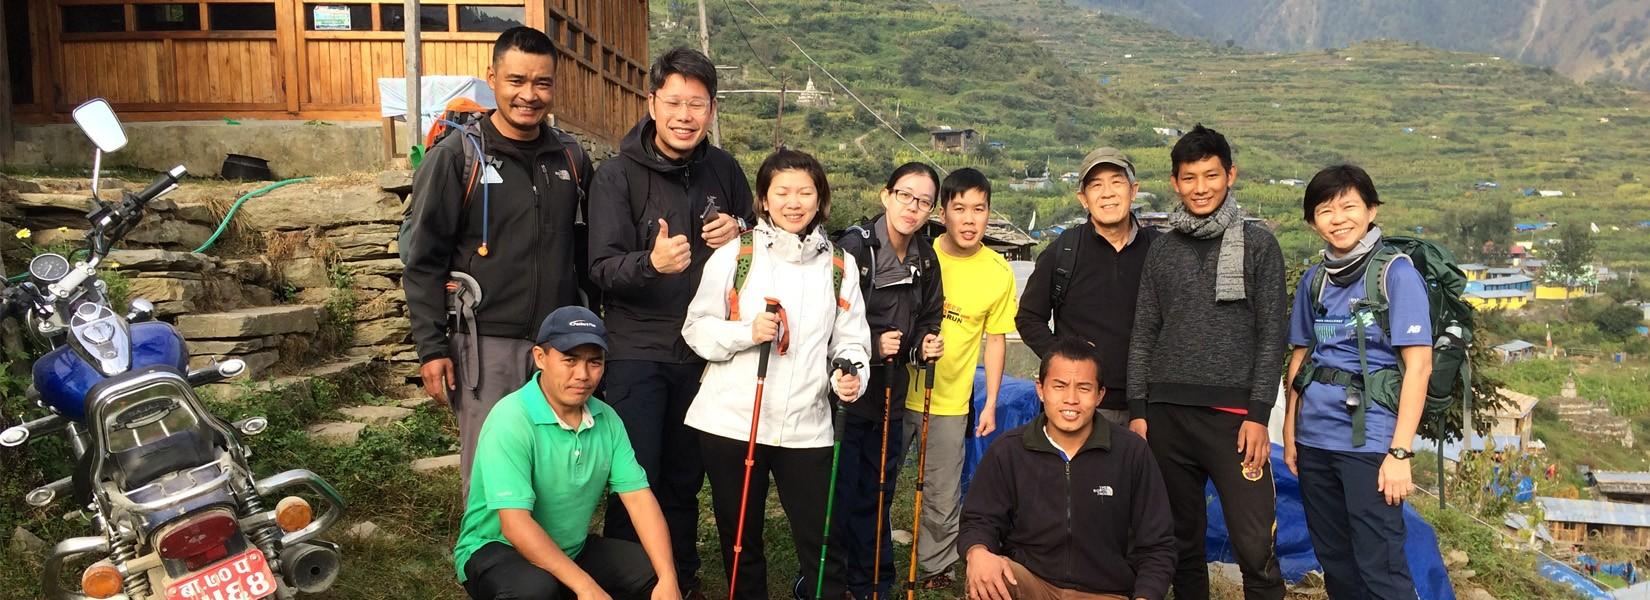 Tamang Heritage Trail Nepal Trekking